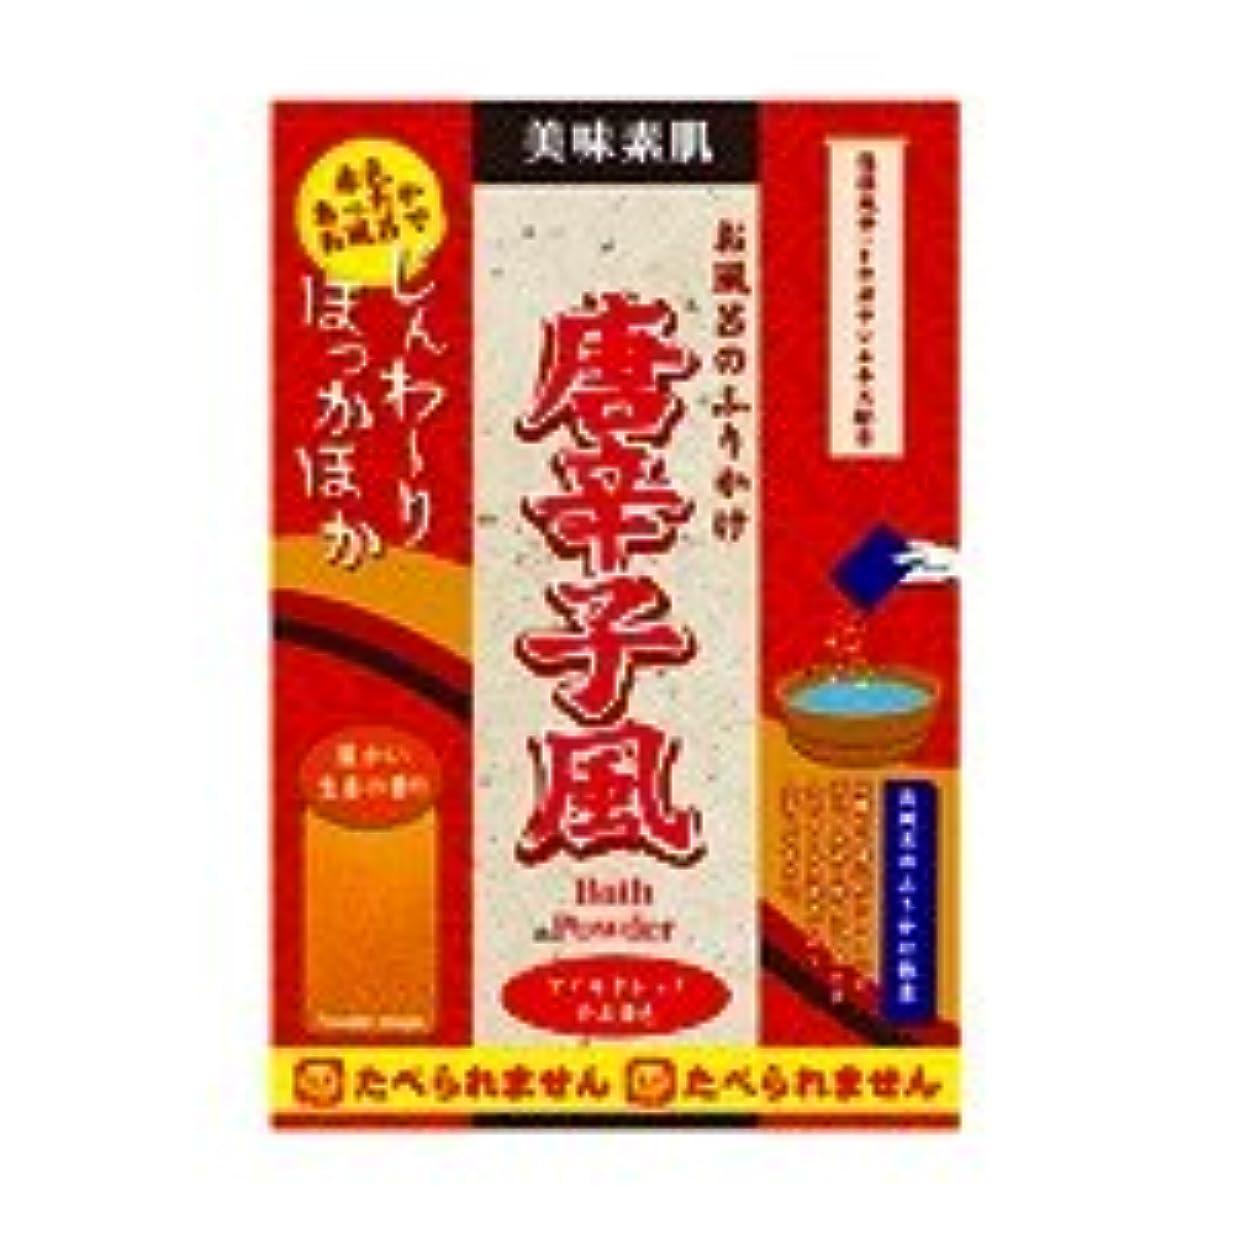 天国コイル用心お風呂のふりかけ「トウガラシ」12個セット マイルドレッドのお湯 温かい生姜の香り